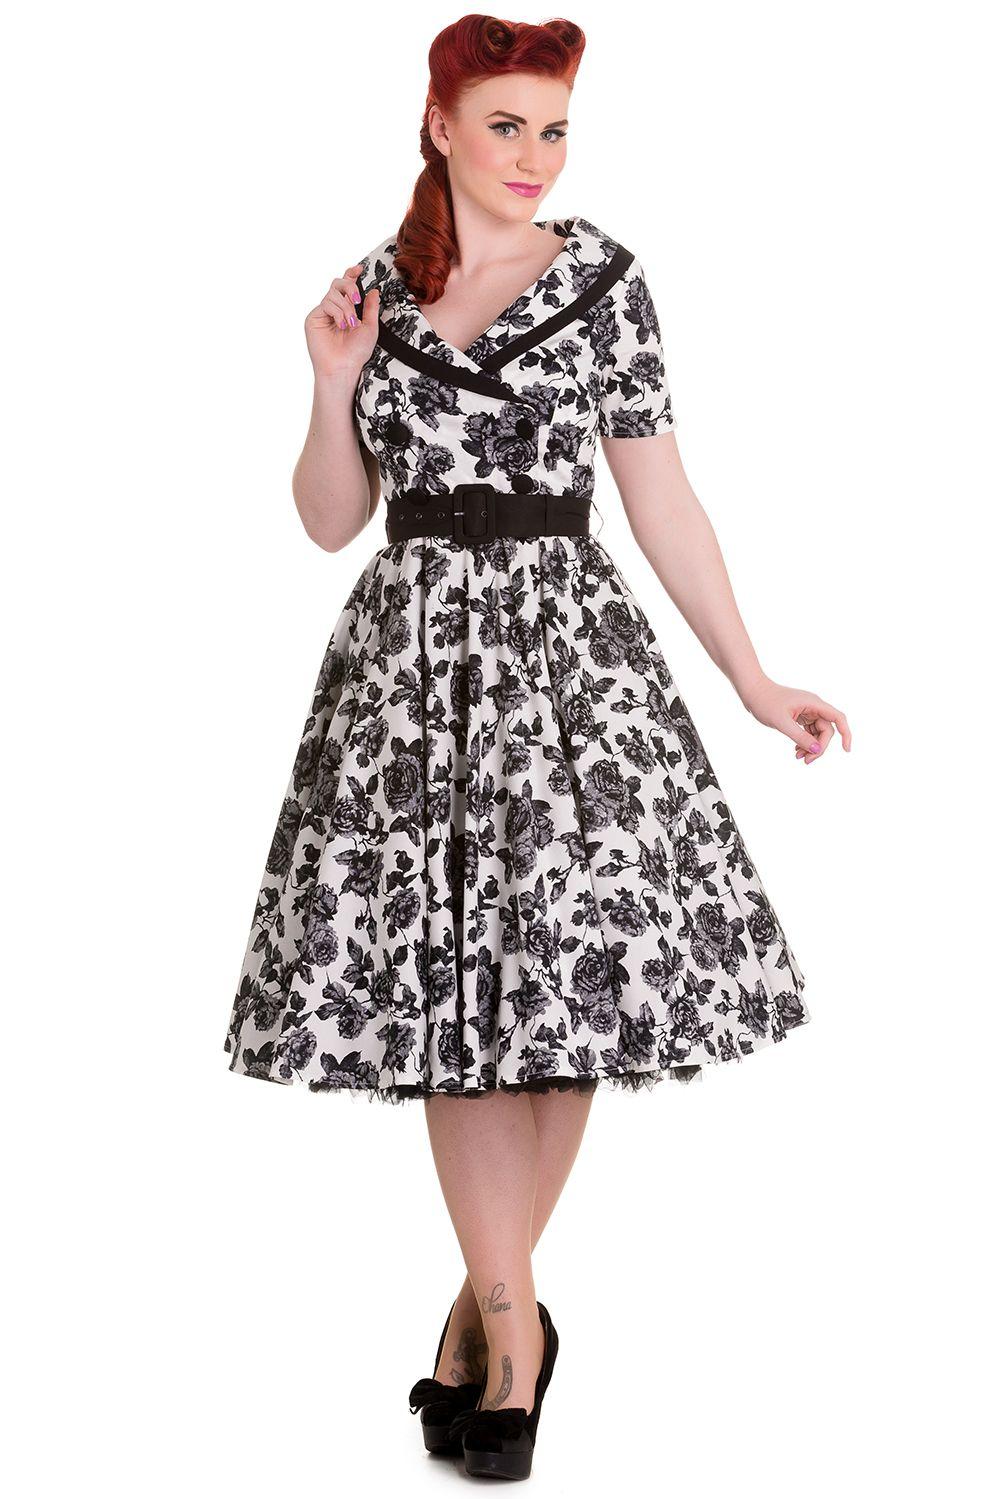 50'er kjole Super smuk hvid kjole med roser.Kjolen har bred krave, stofbetrukne…